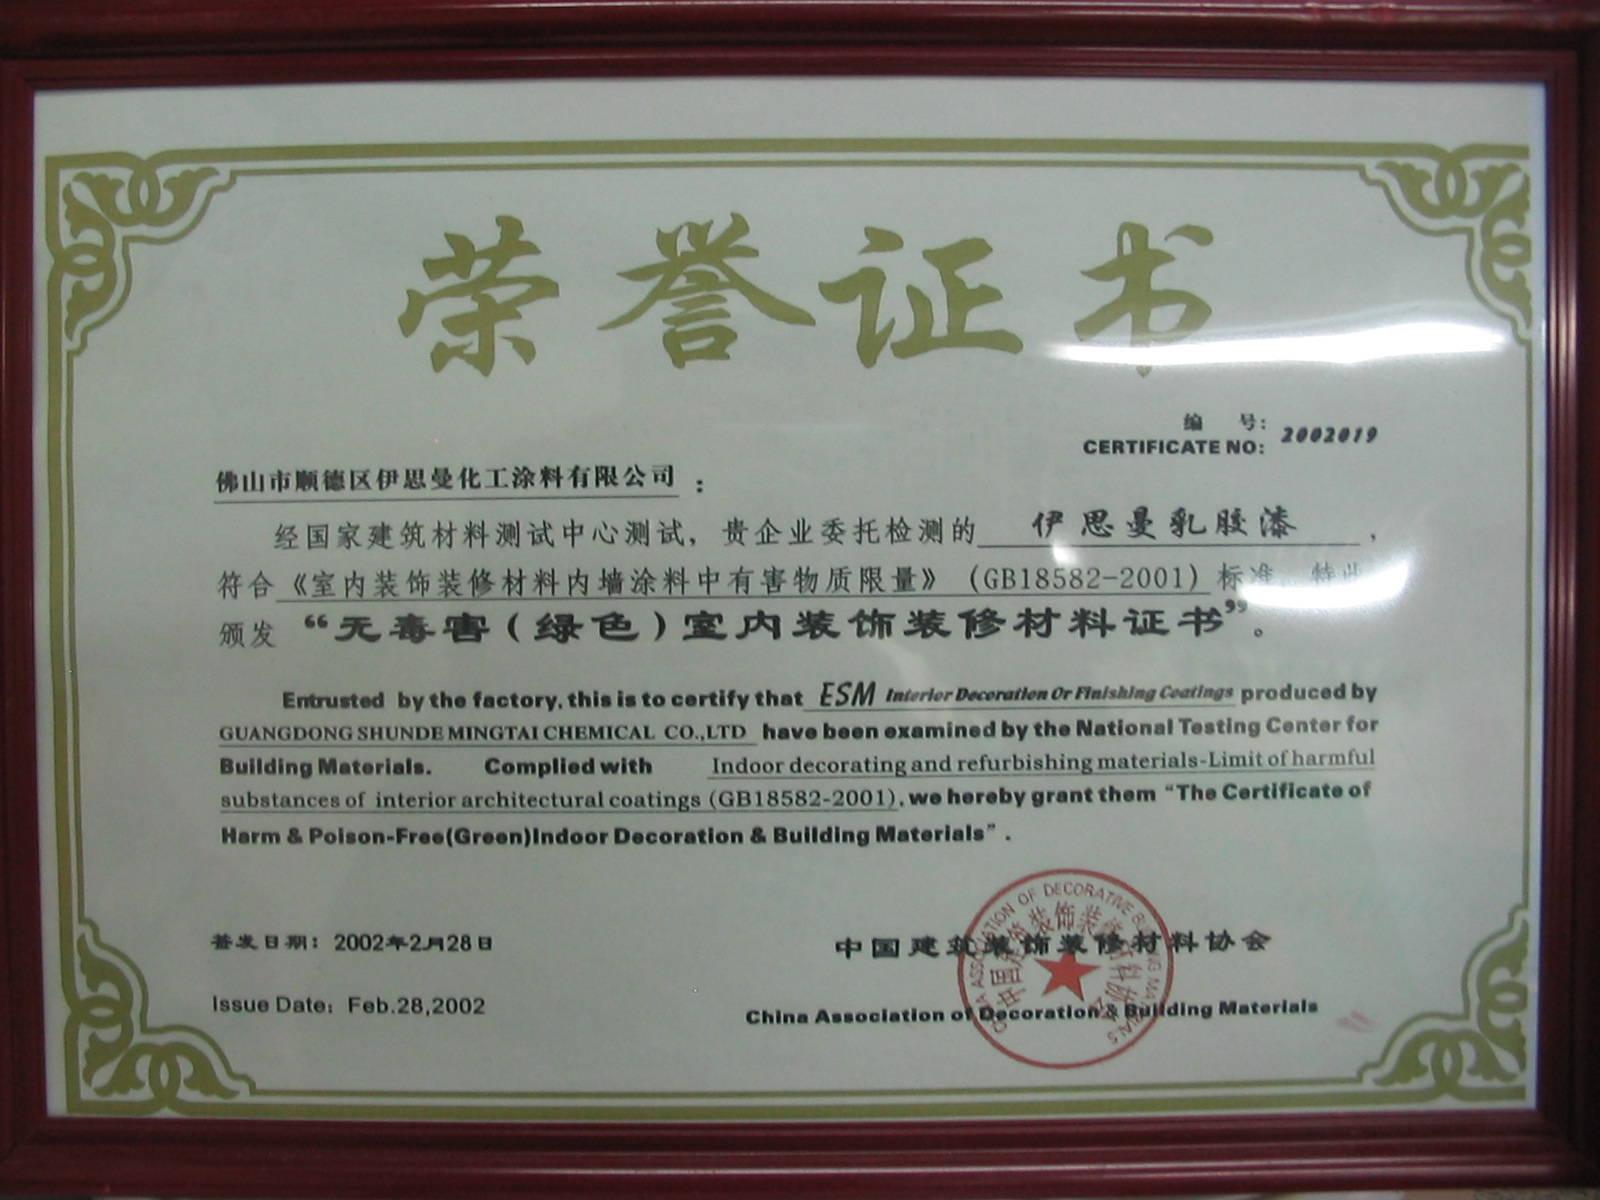 无毒害(绿的)室内装饰装修材料证书